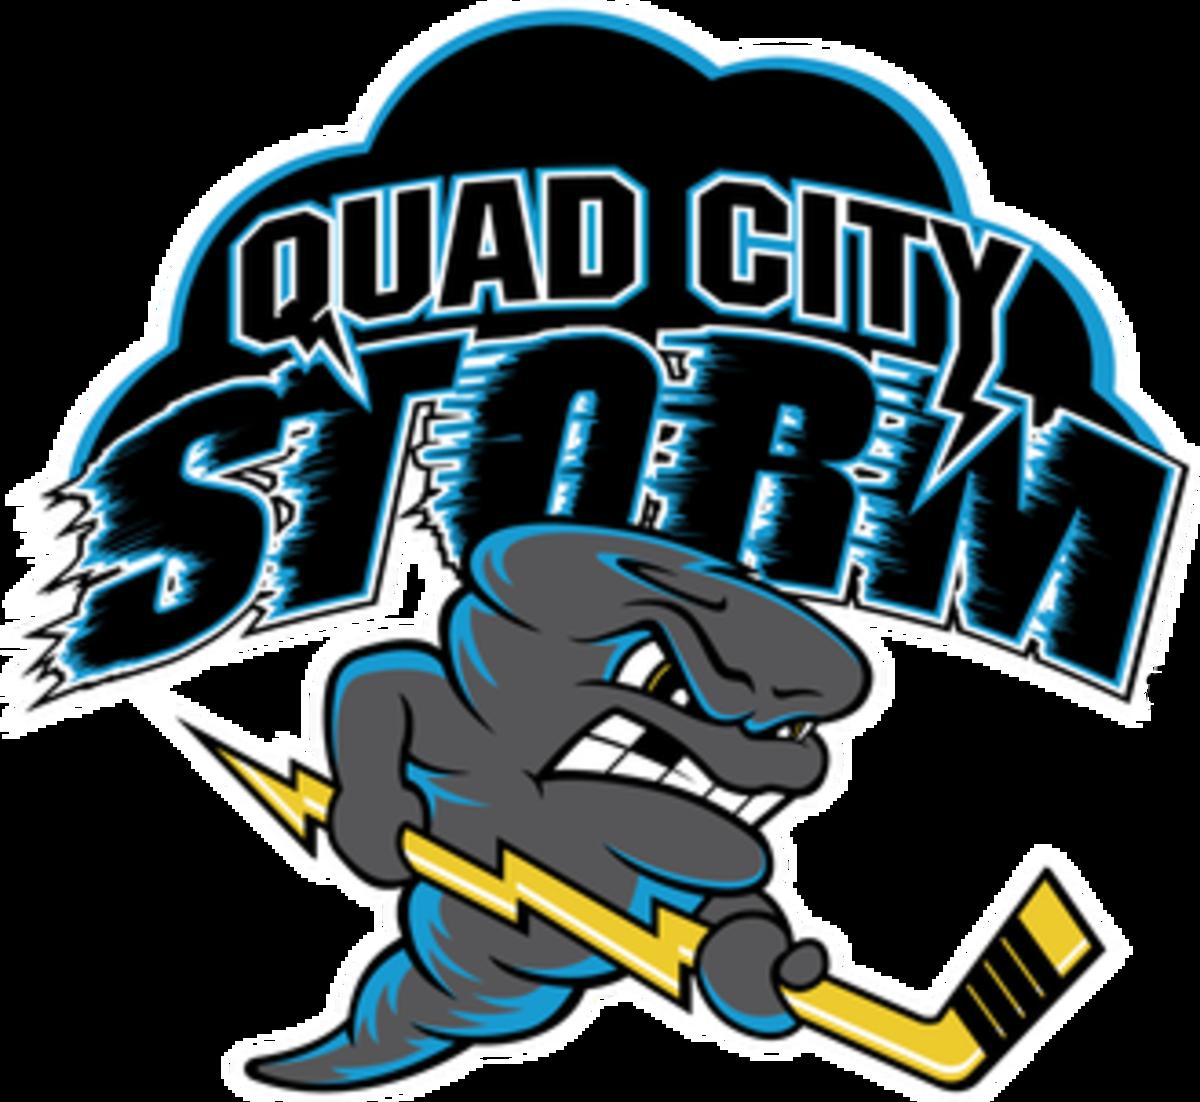 QuadCityStormLogo